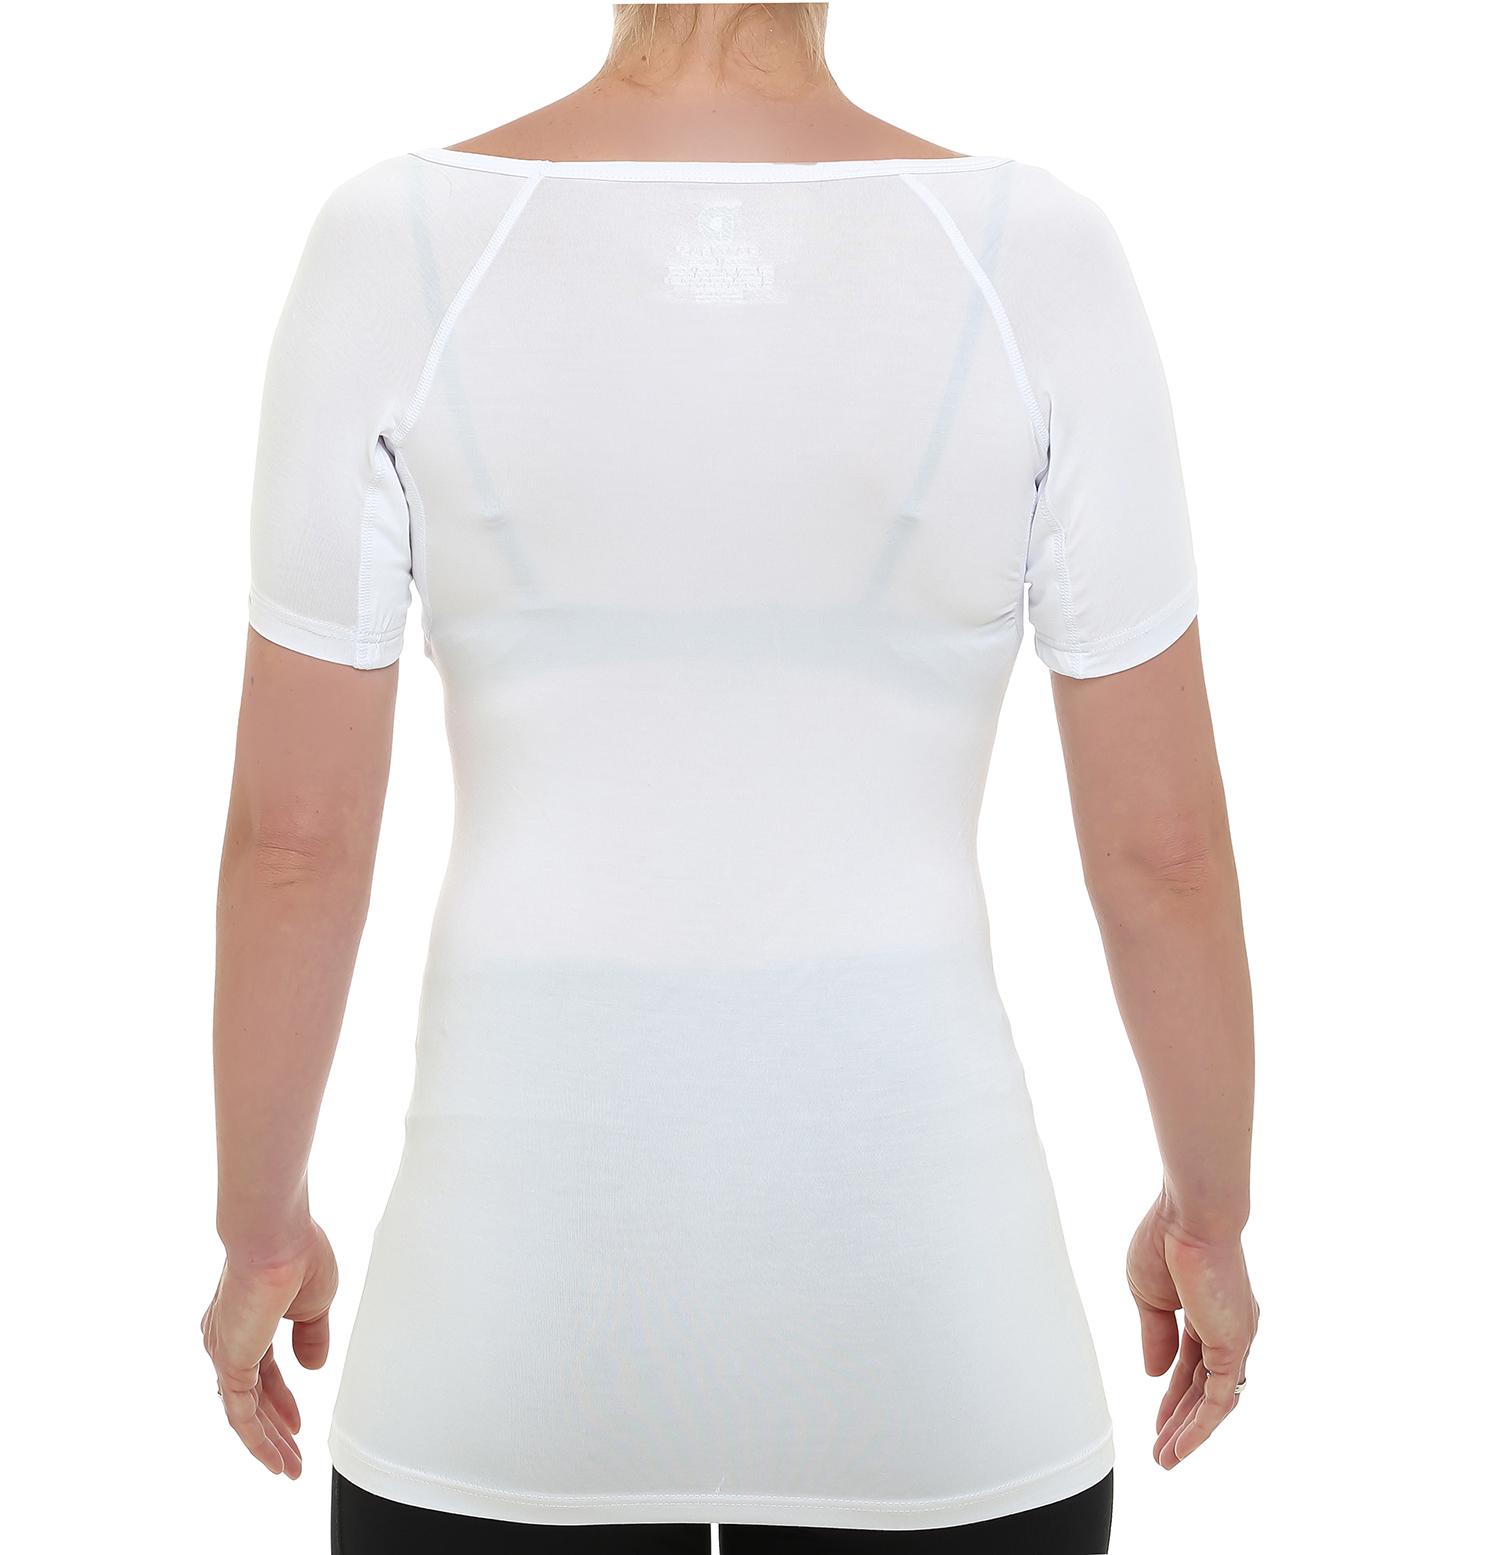 a2e9954b82a354 Drywear Anti Schweiß Shirt Damen runder Kragen Ansicht hinten